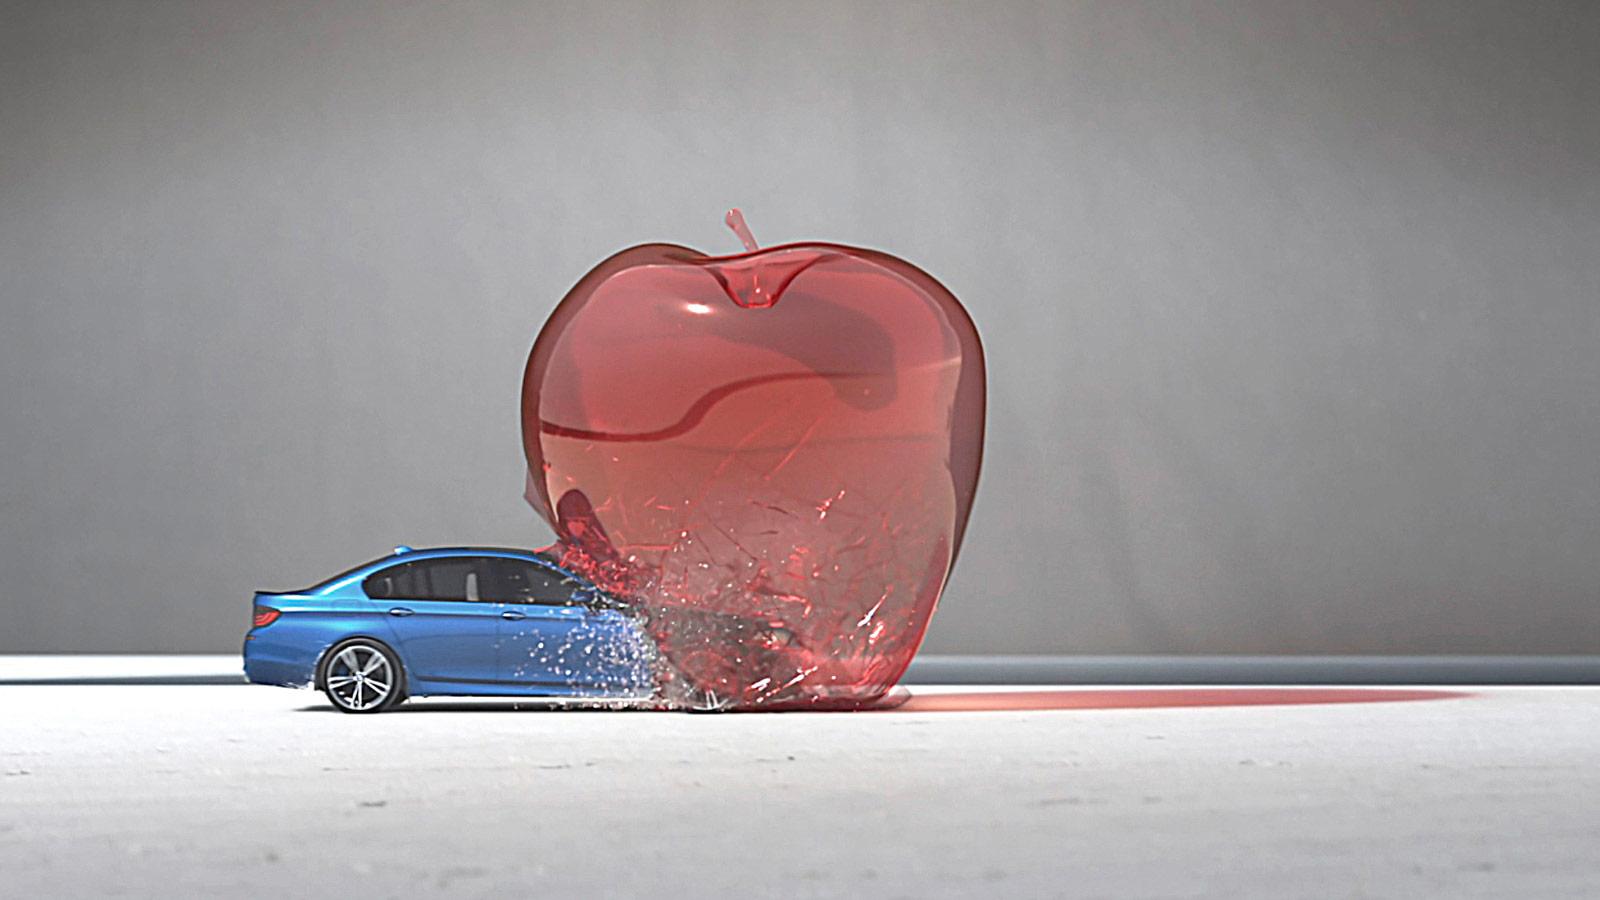 BMW Canada | Films propulsés par BMW M | Innovation numérique, Marketing numérique, Médias sociaux, Production vidéo, Publicité automobile